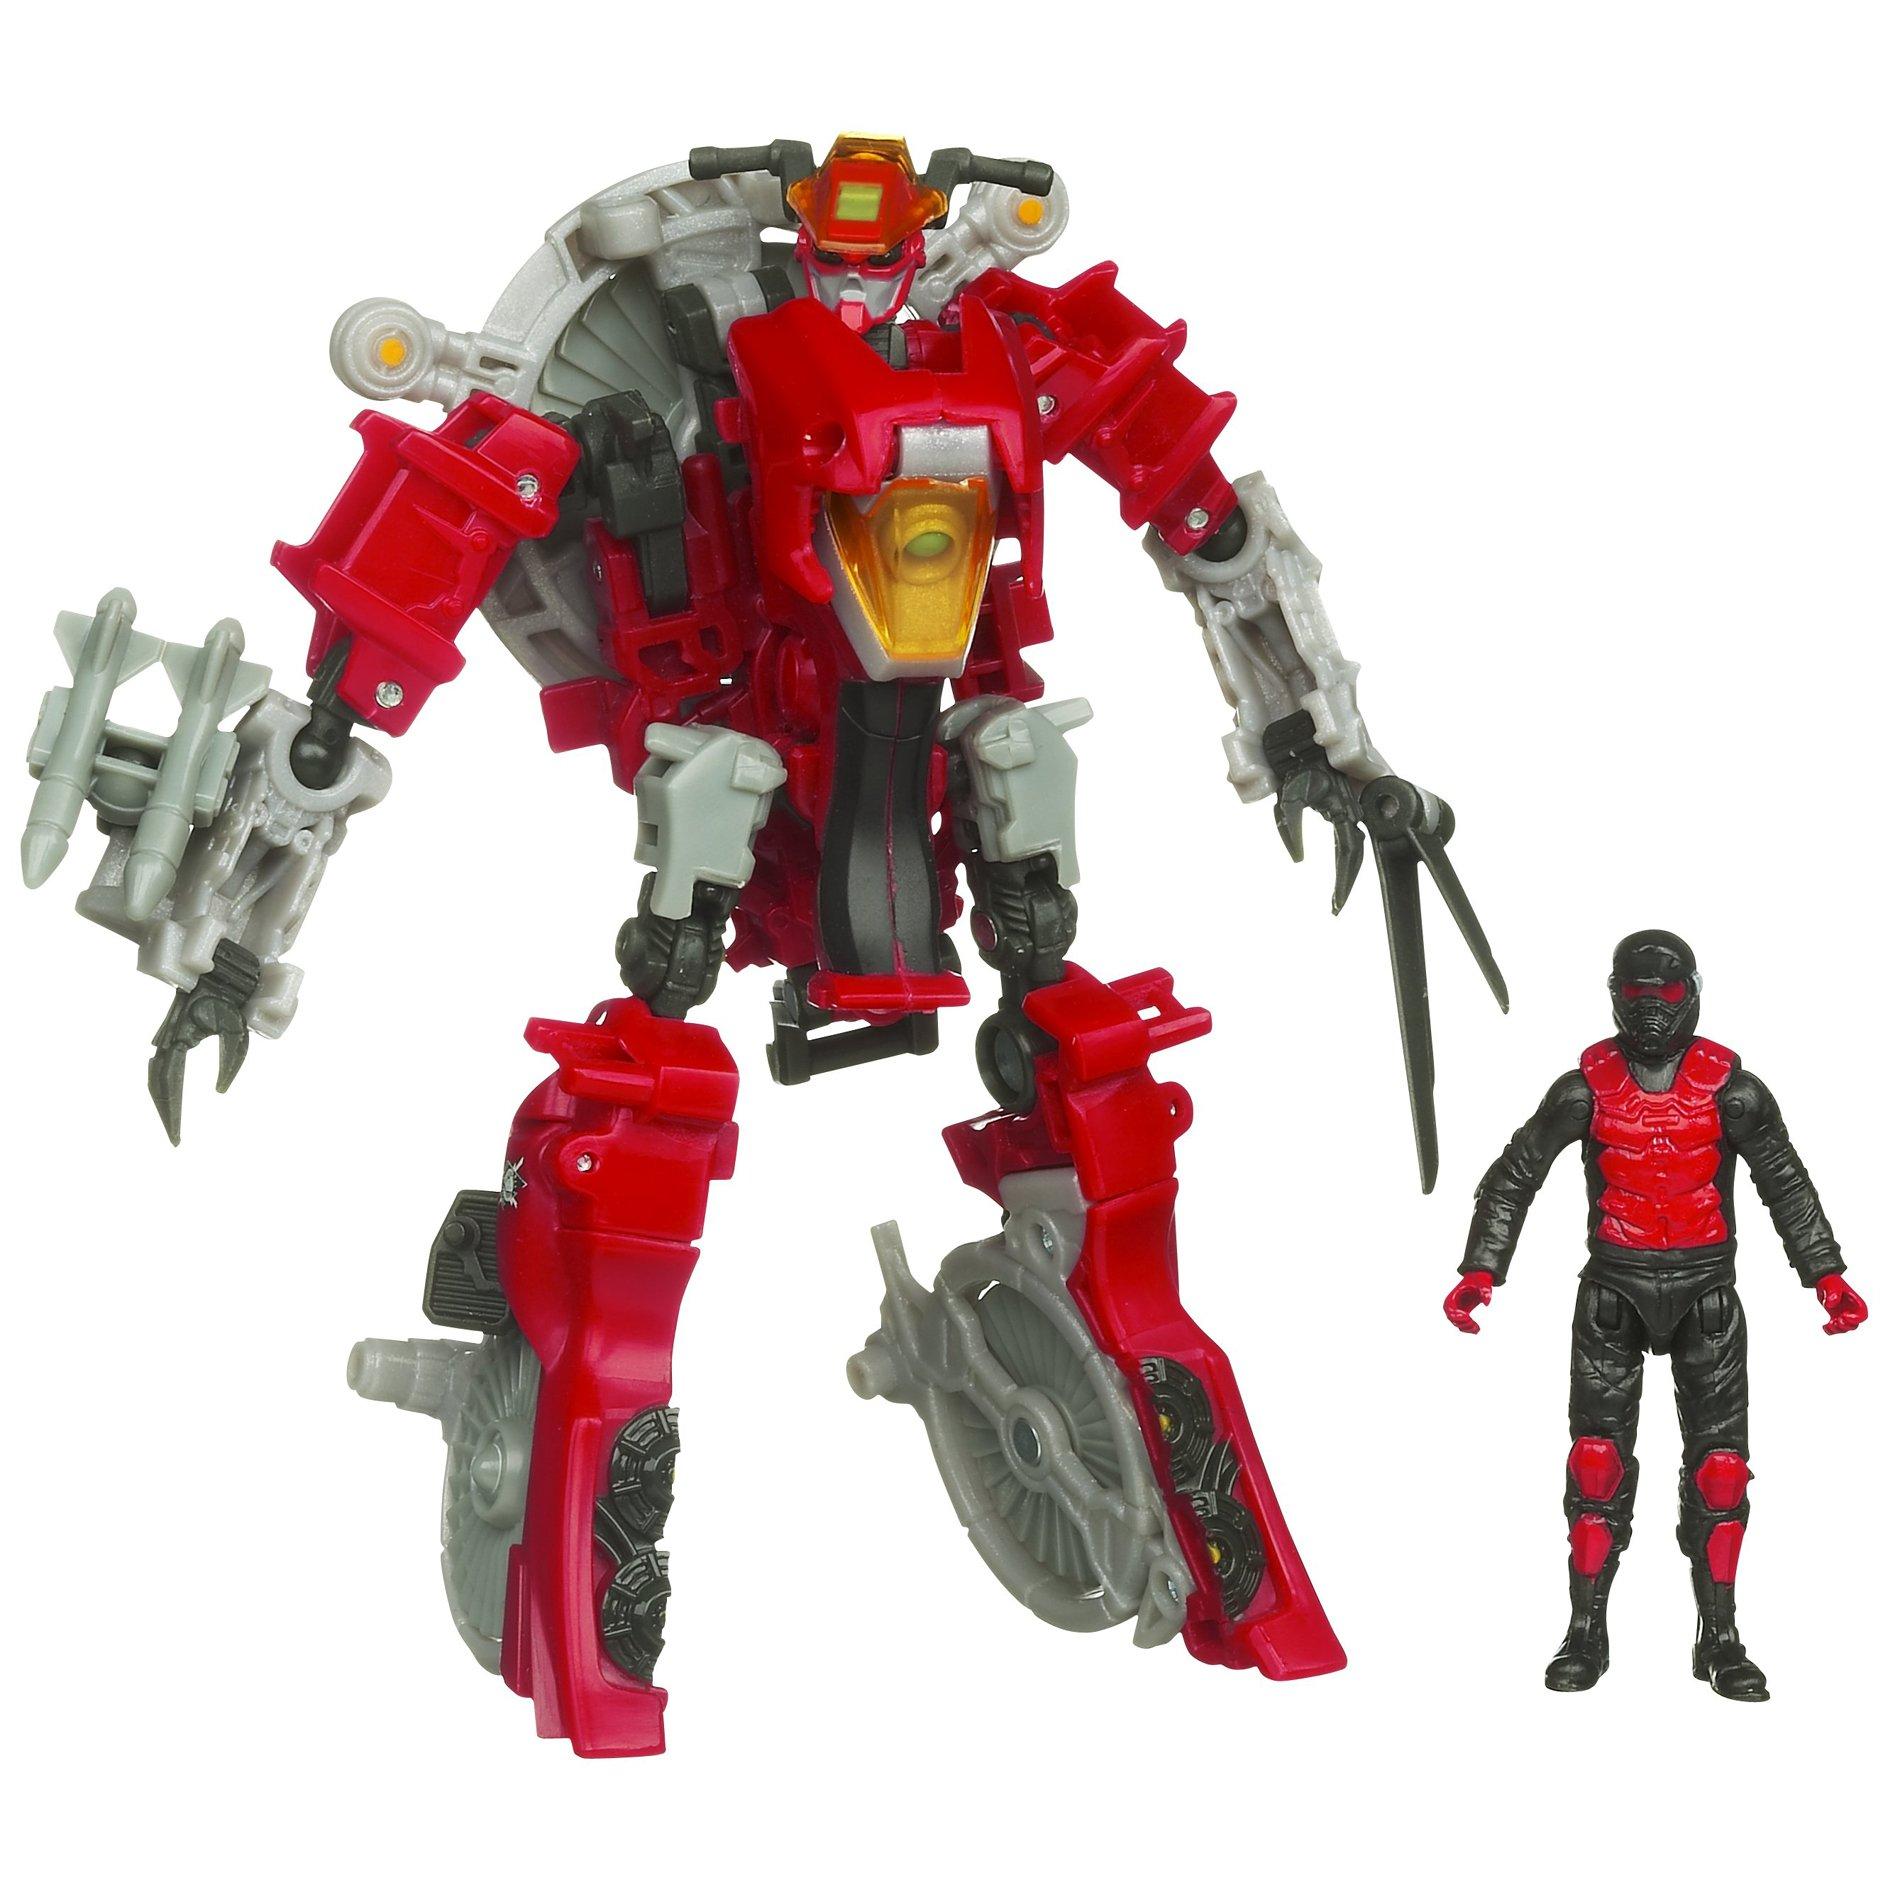 Transformers Dark Of The Moon Mechtech Human Aliance Reverb and Sergeant Detour